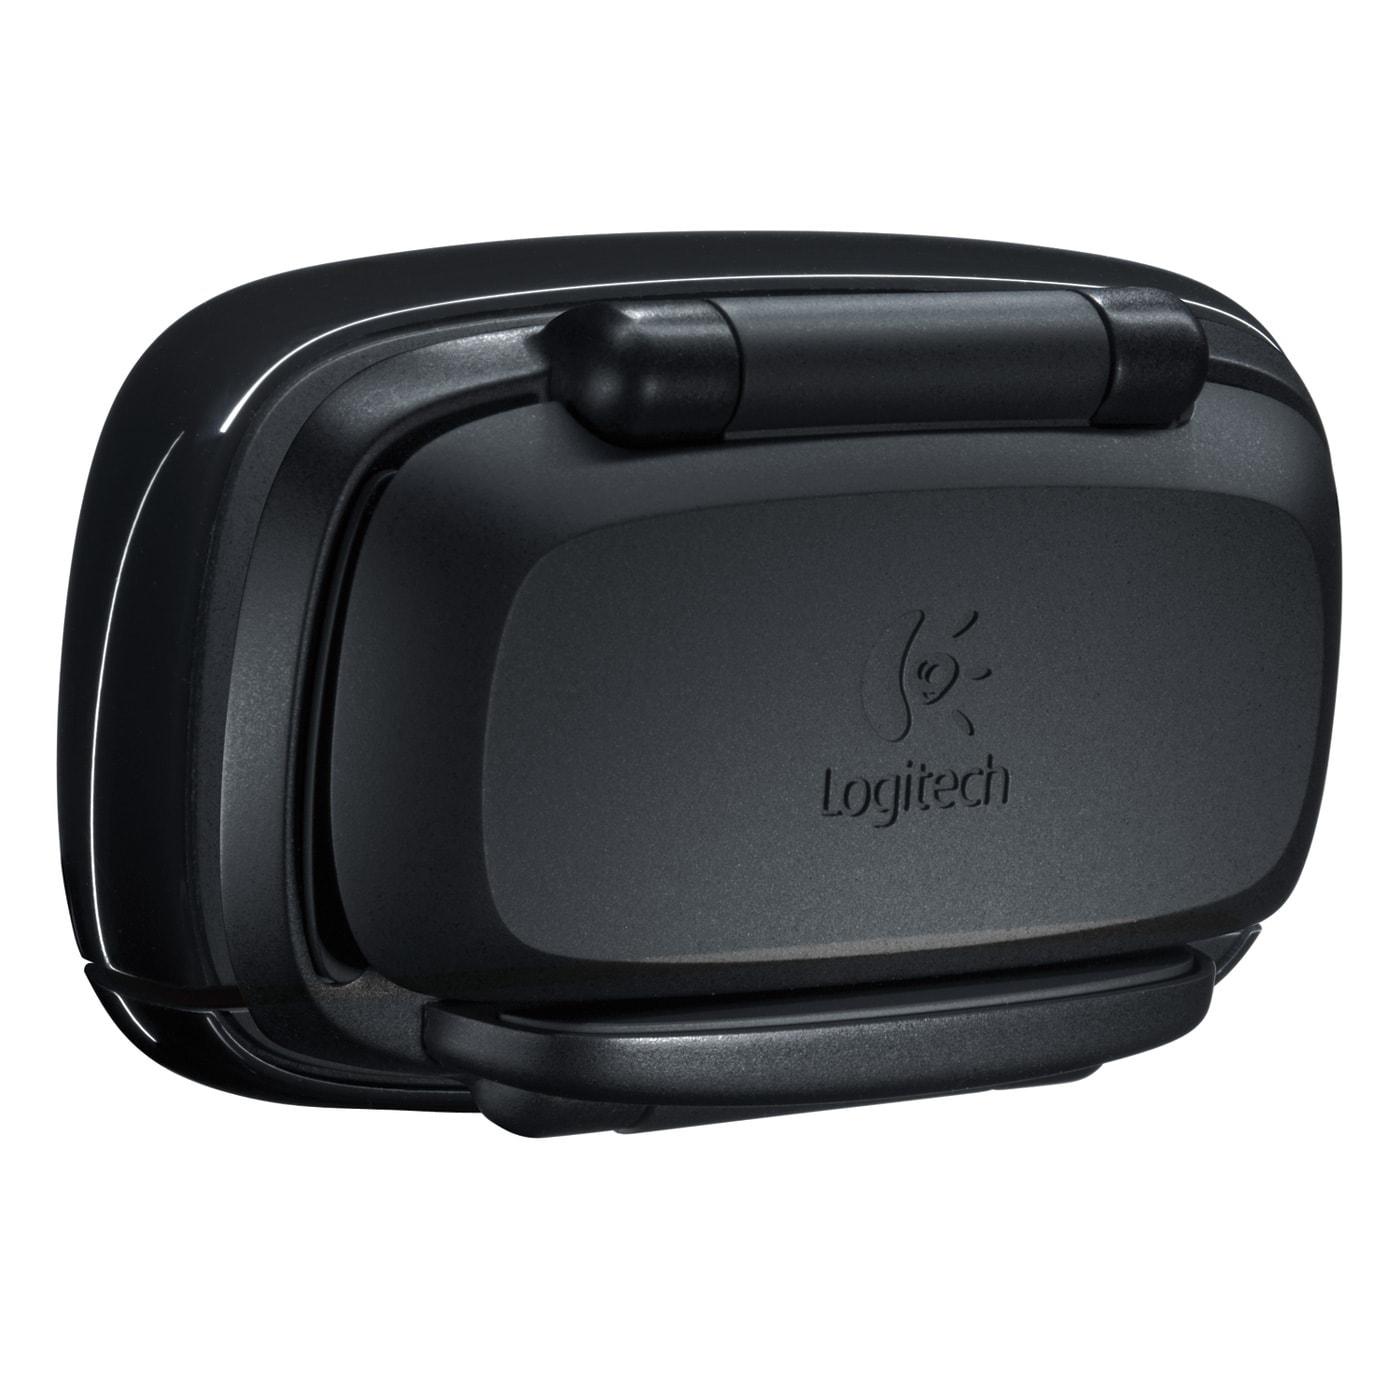 Logitech WebCam C525 Refresh - Caméra / Webcam - Cybertek.fr - 1